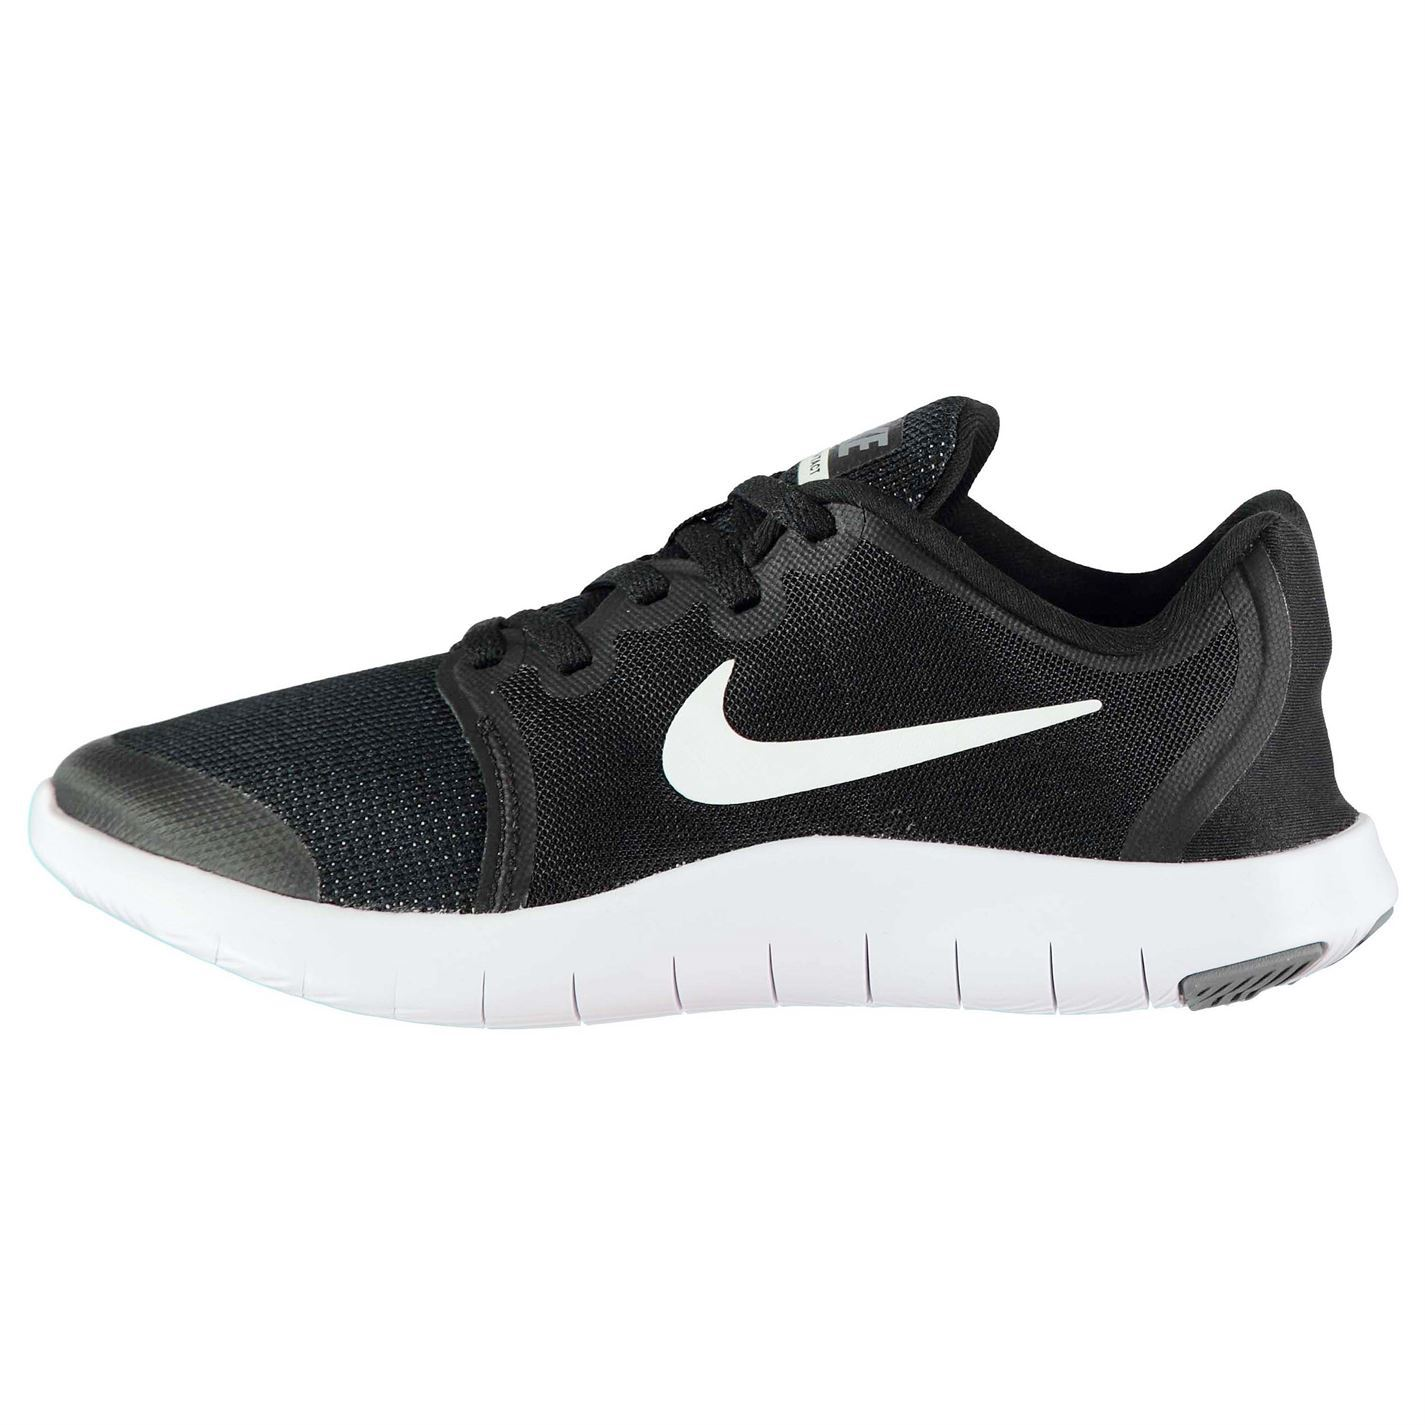 running shoes new cheap fresh styles Details zu Nike Flex Contact 2 Junior Jungen Turnschuhe Schuhe Schuhwerk